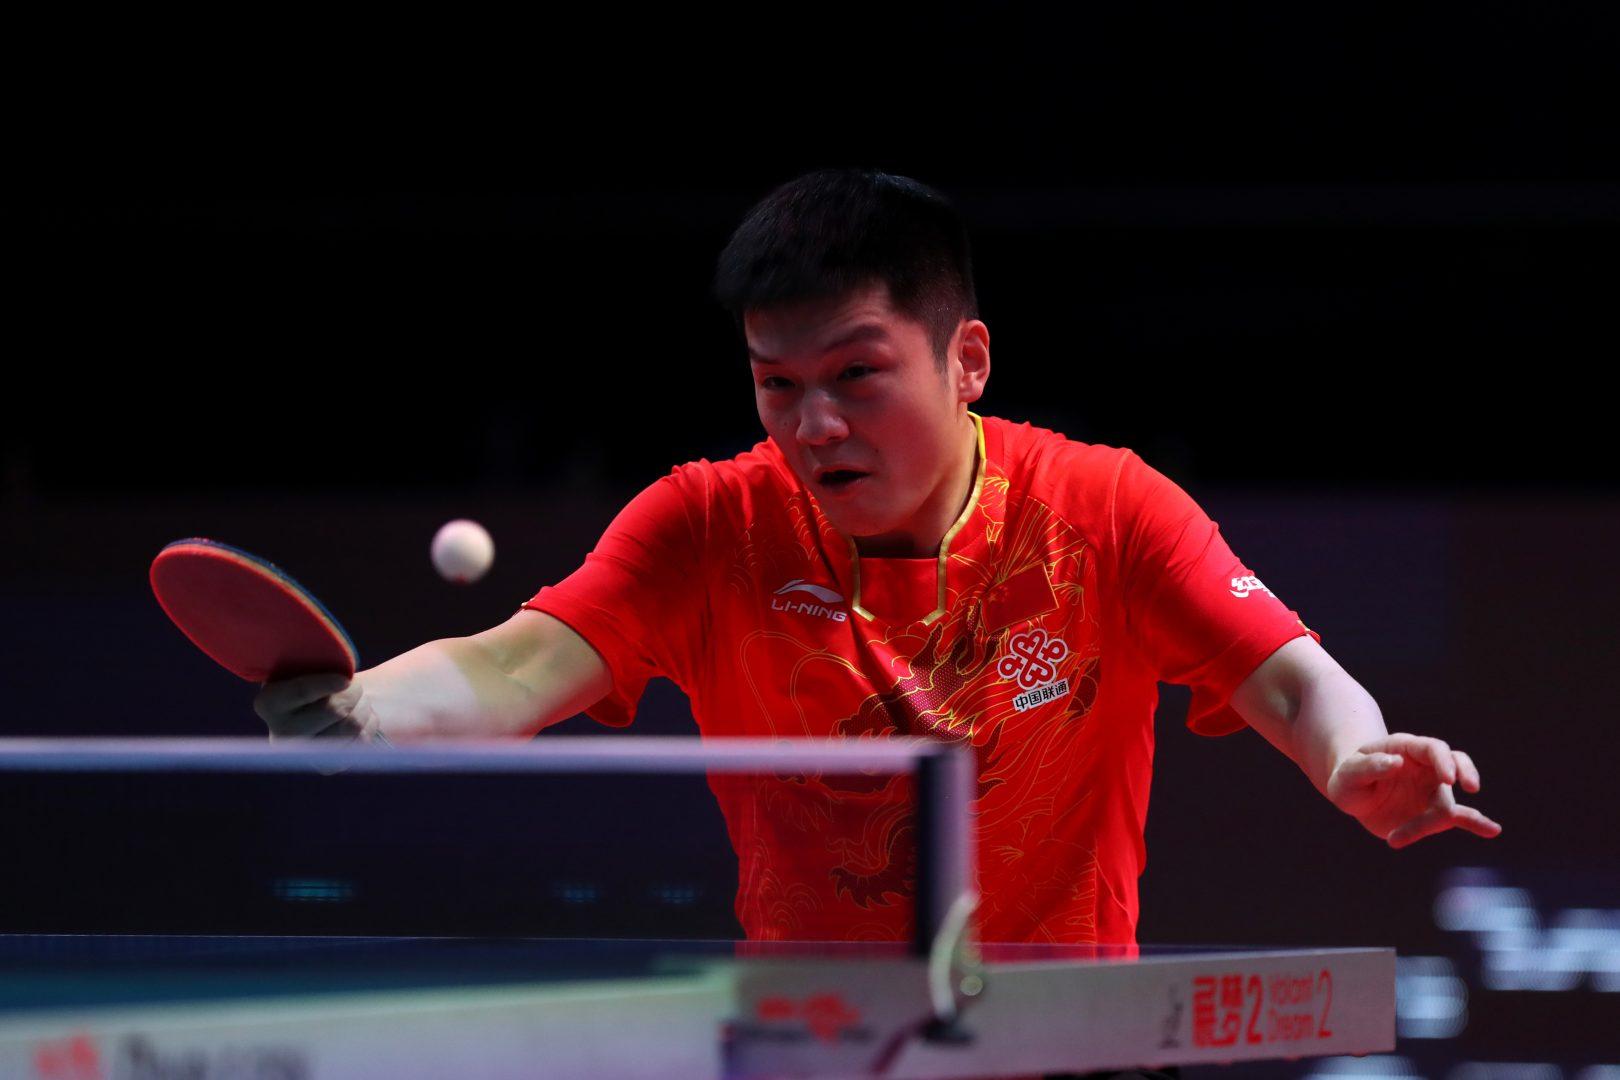 樊振東がオフチャロフを圧倒し初優勝【ITTFワールドツアーグランドファイナル】(男子シングルスの結果)